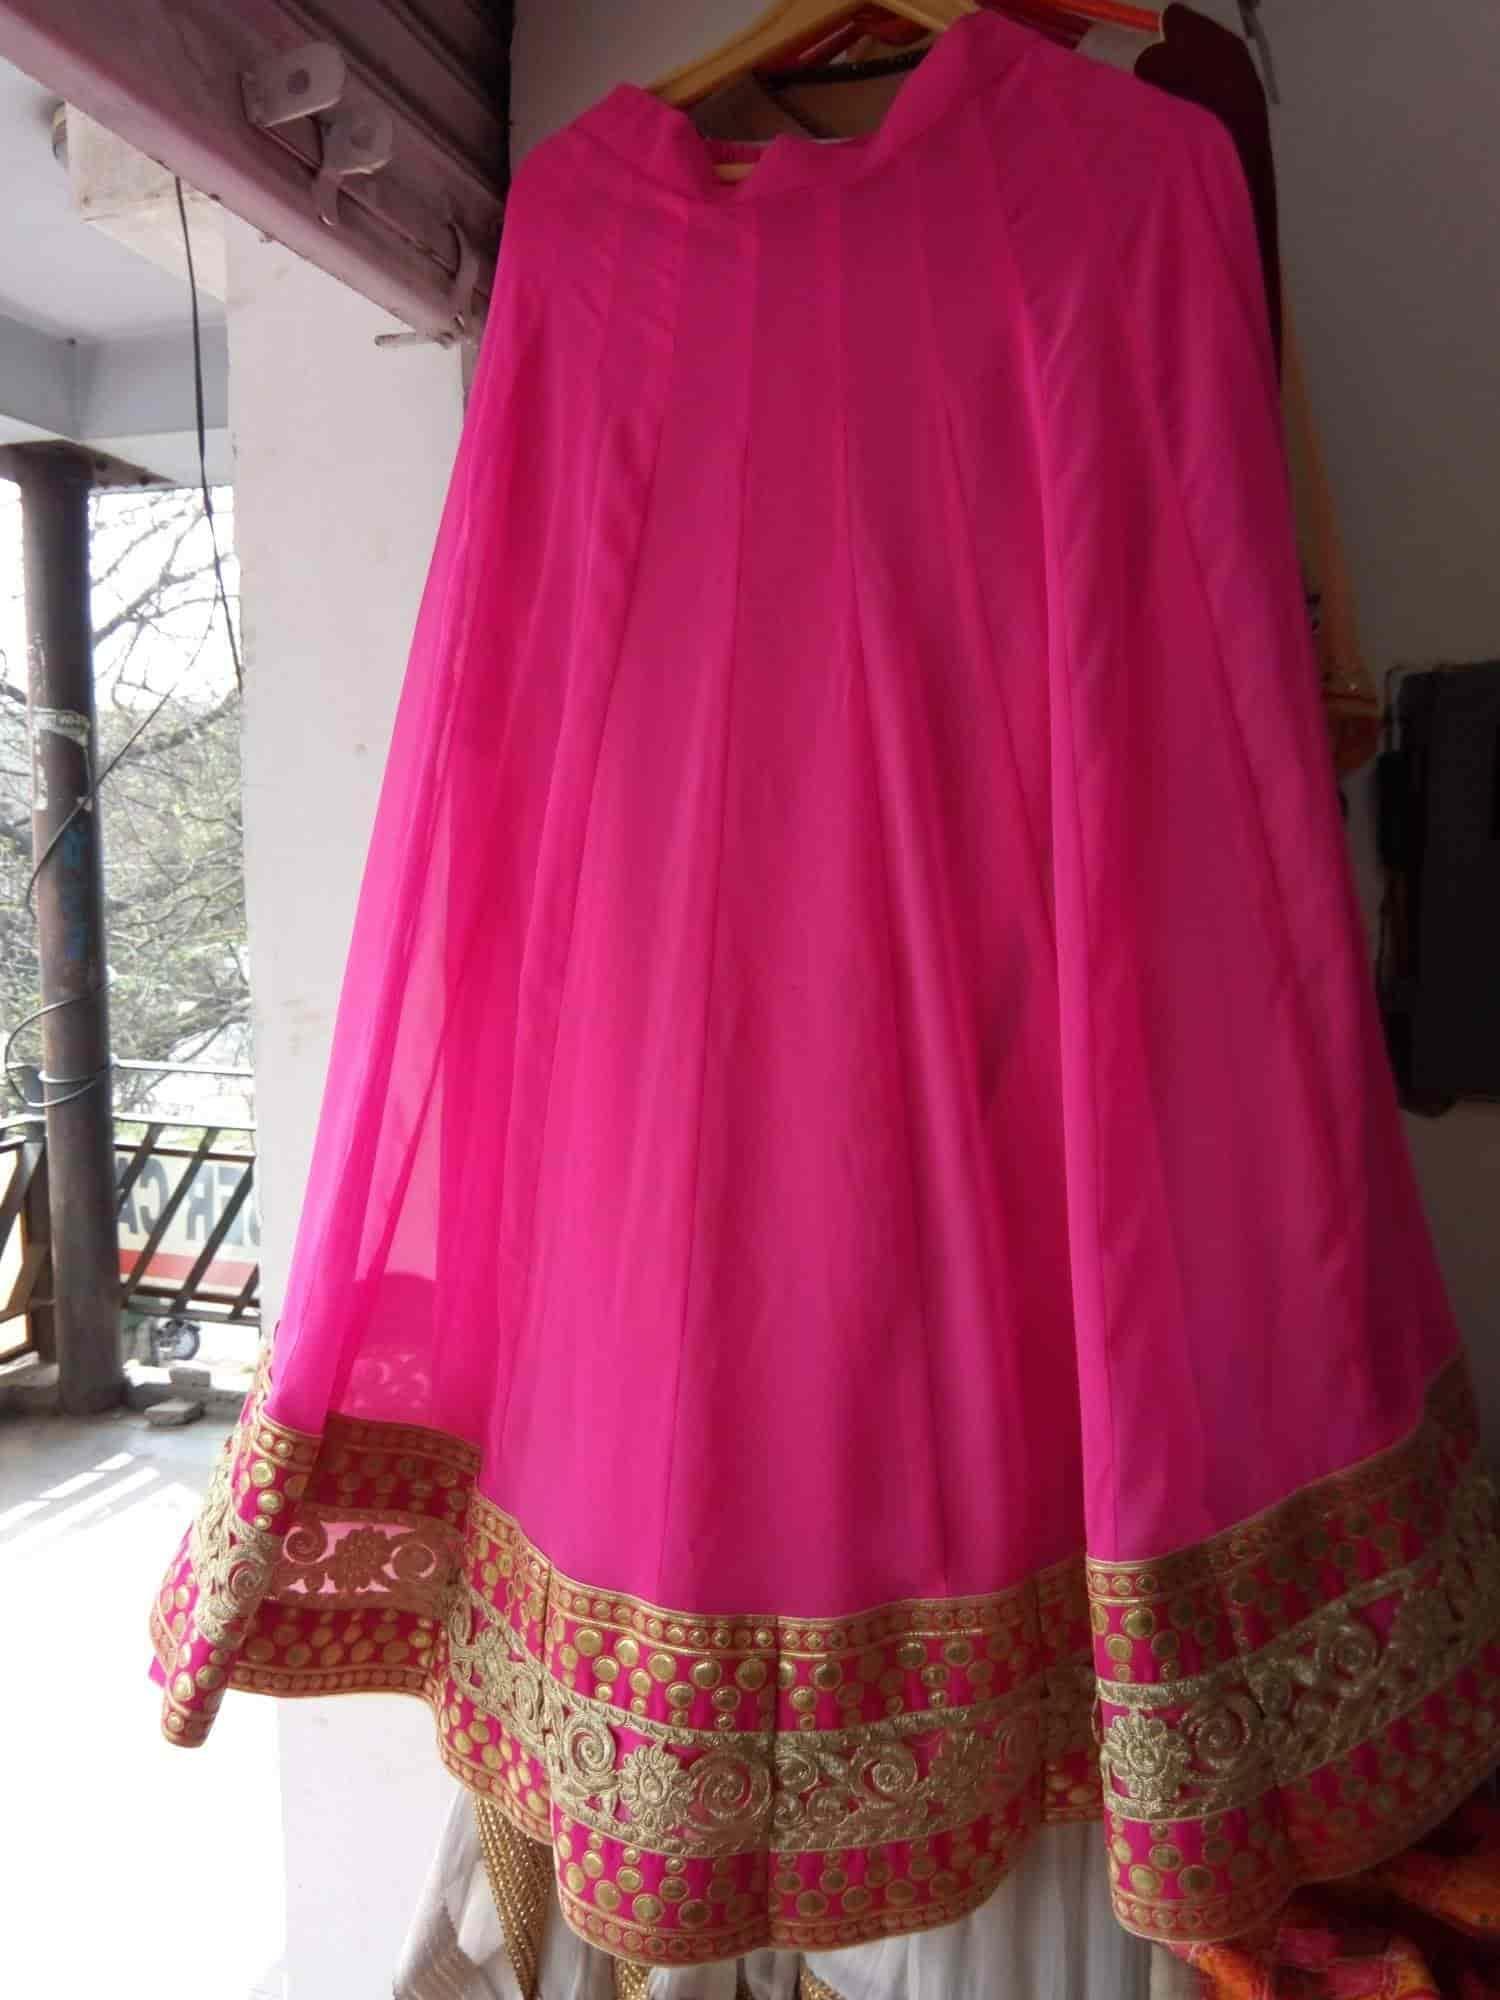 Rajnit Designer Boutique, Chandigarh Sector 40d - Boutiques